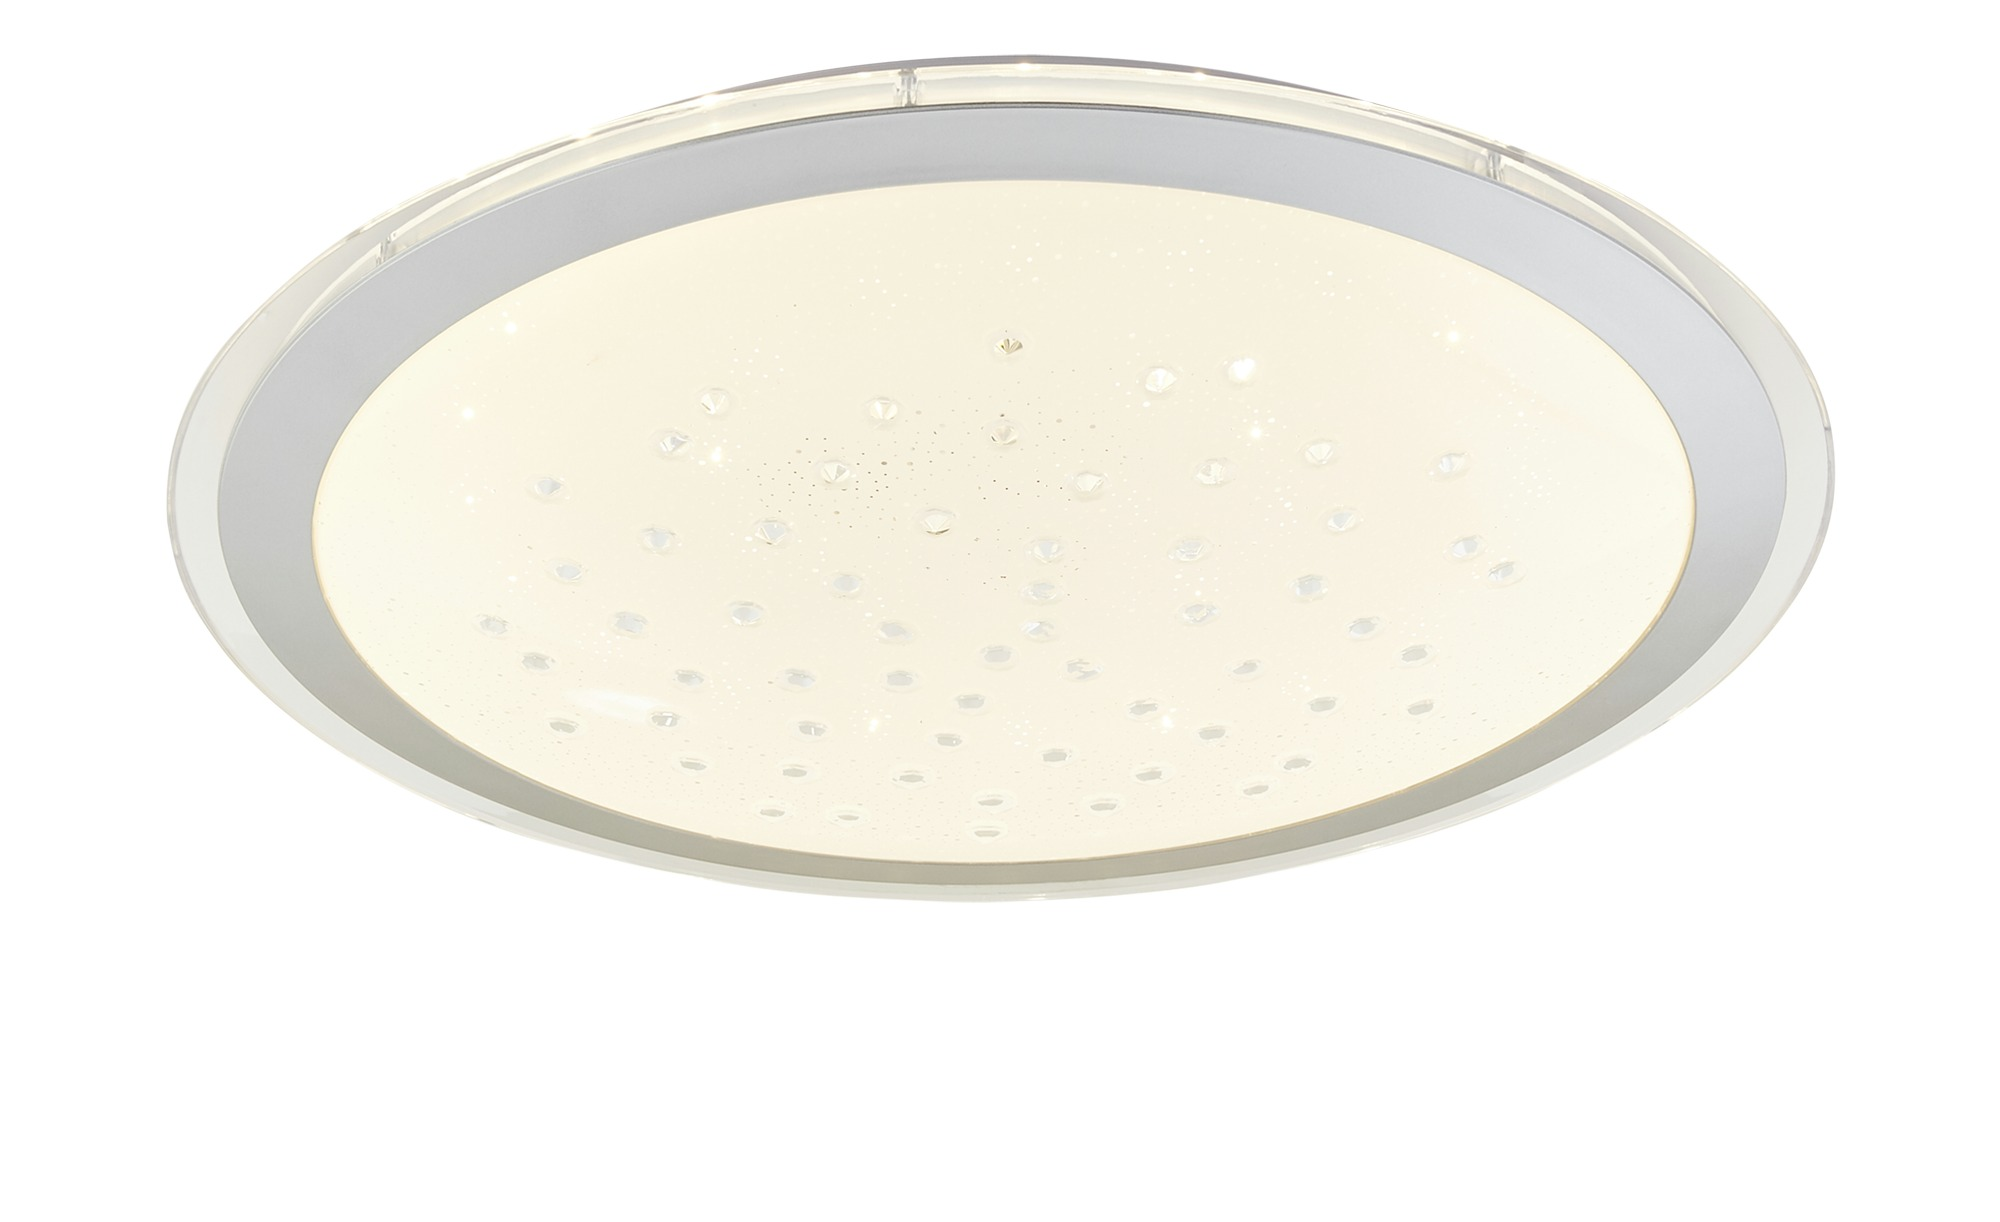 KHG LED-Deckenleuchte, 1-flammig, Schirm mit Glasperlen ¦ weiß ¦ Maße (cm): H: 11 Ø: [53.0] Lampen & Leuchten > Innenleuchten > Deckenleuchten - Höffner